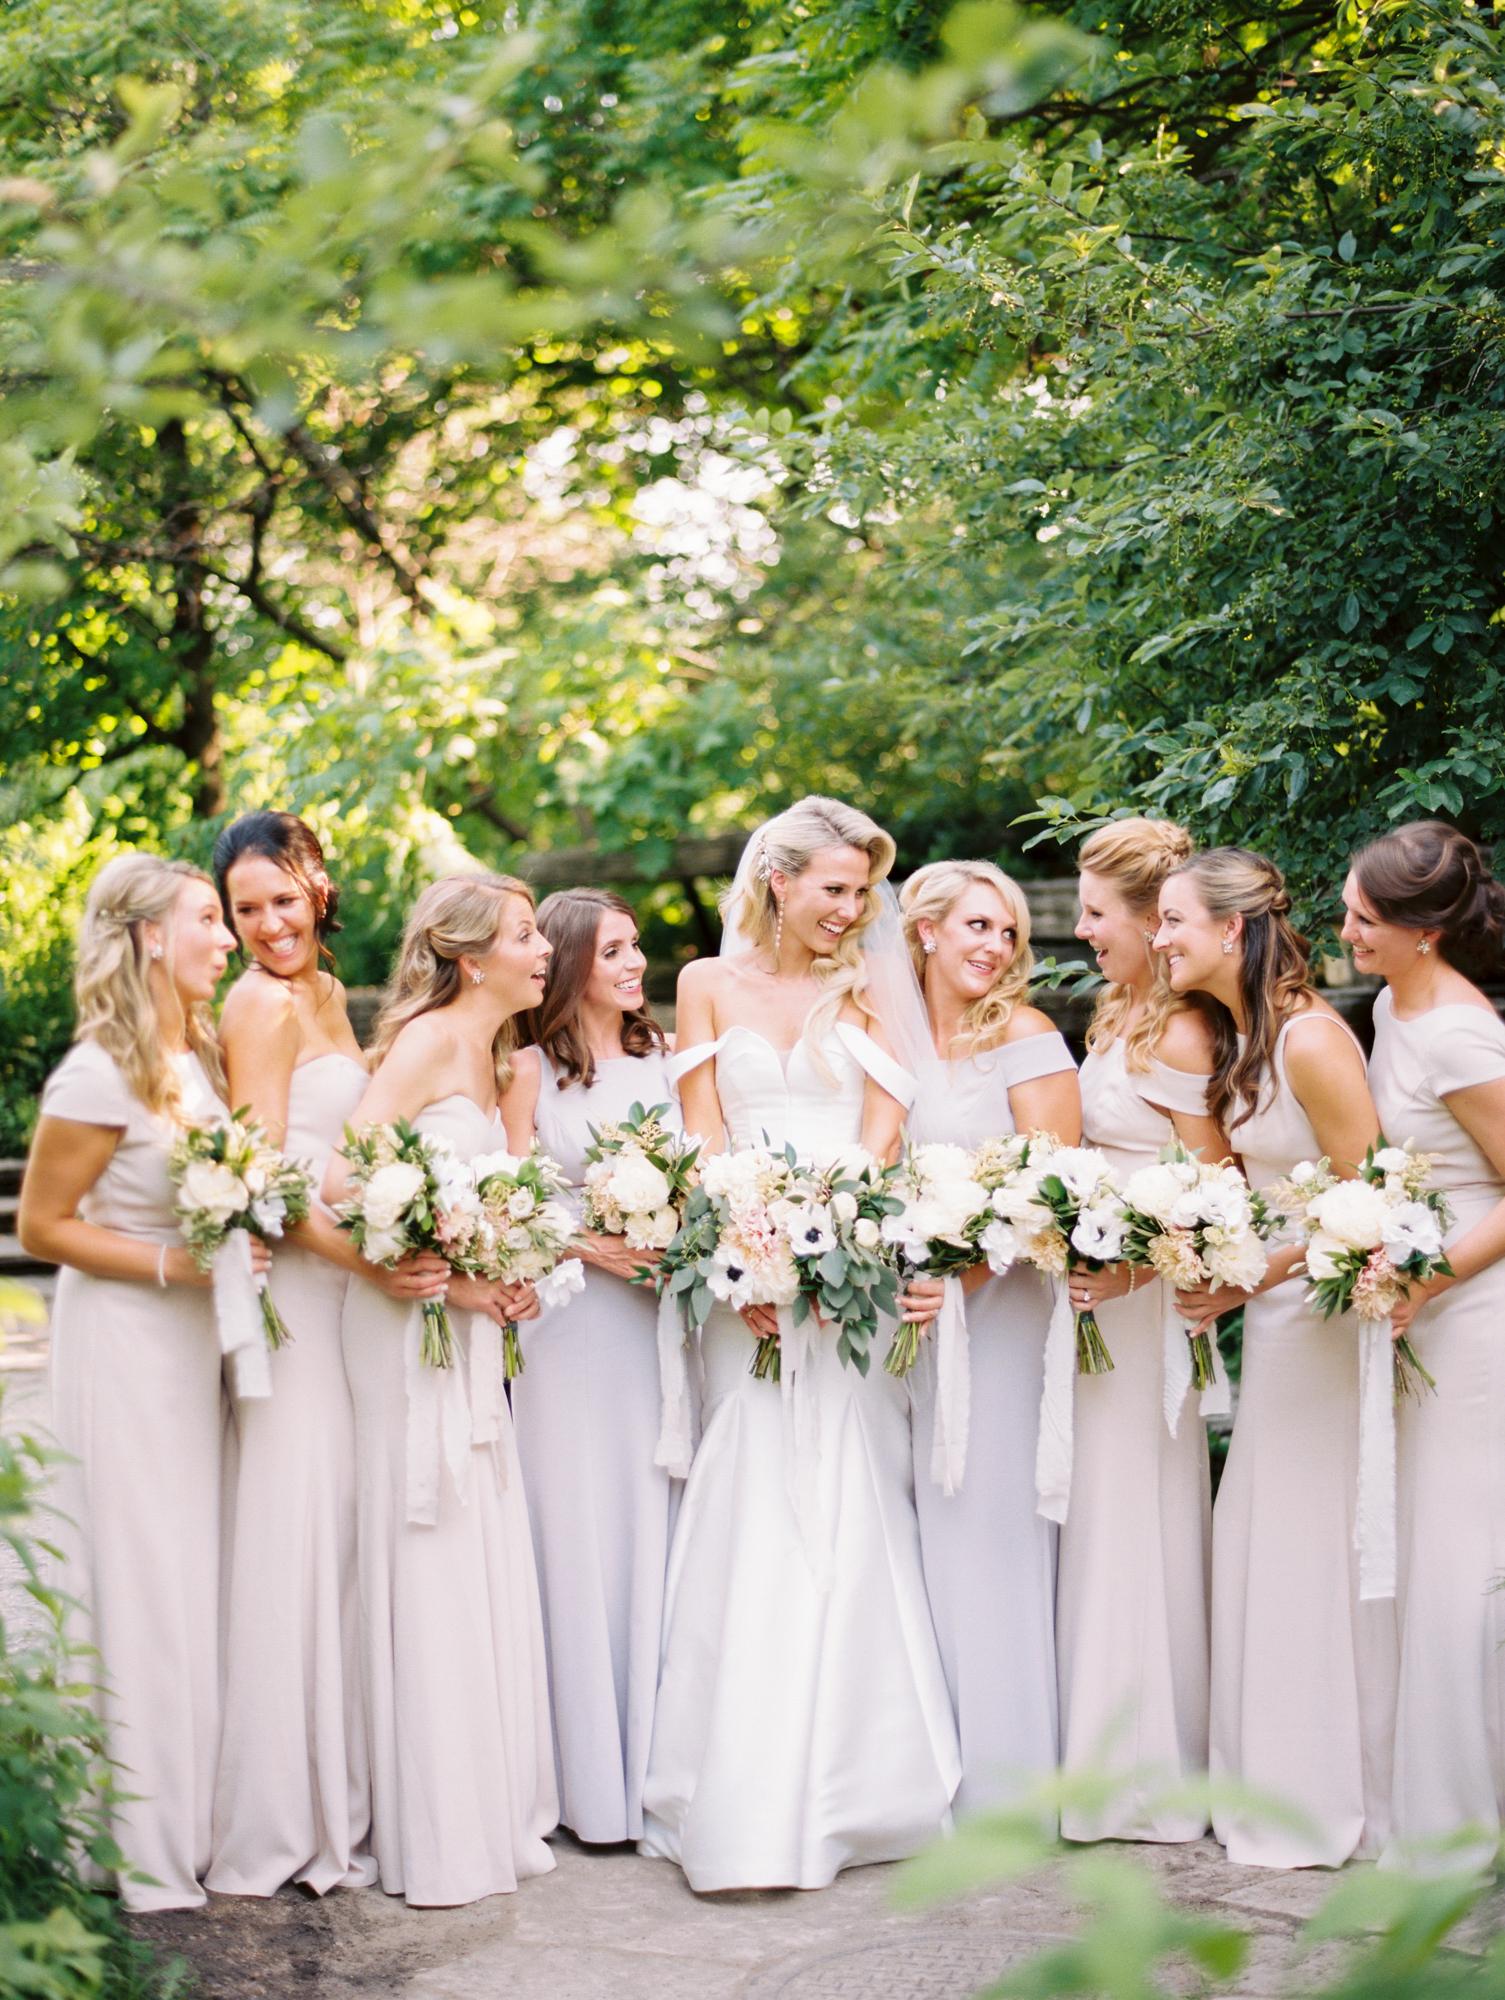 kristin-la-voie-photography-cafe-brauer-chicago-wedding-photographer-489.jpg